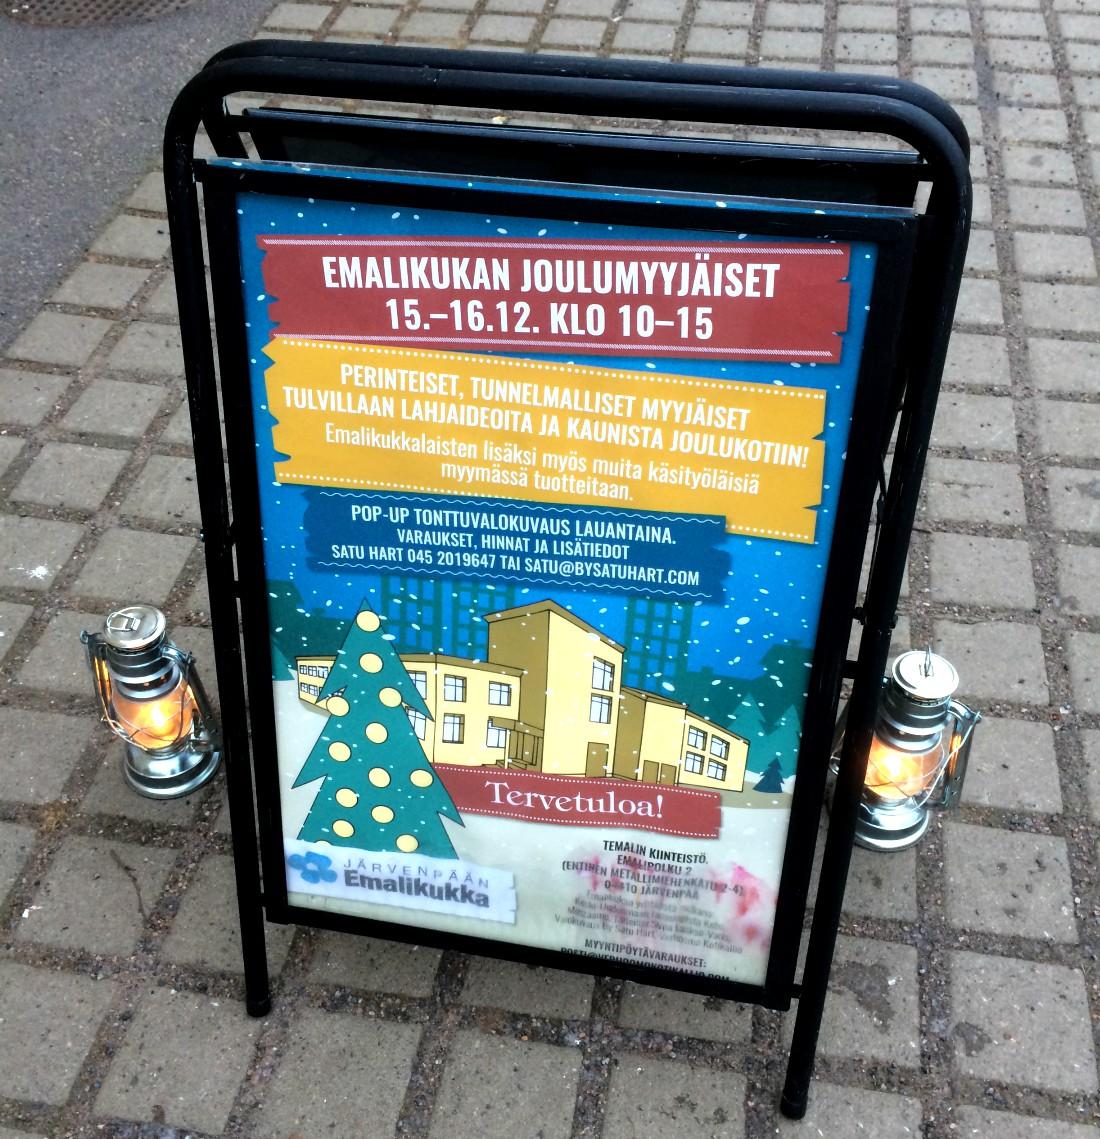 Rouva Sanan joulu, Emalikukan joulumyyjäiset, Emalikukka, Järvenpää